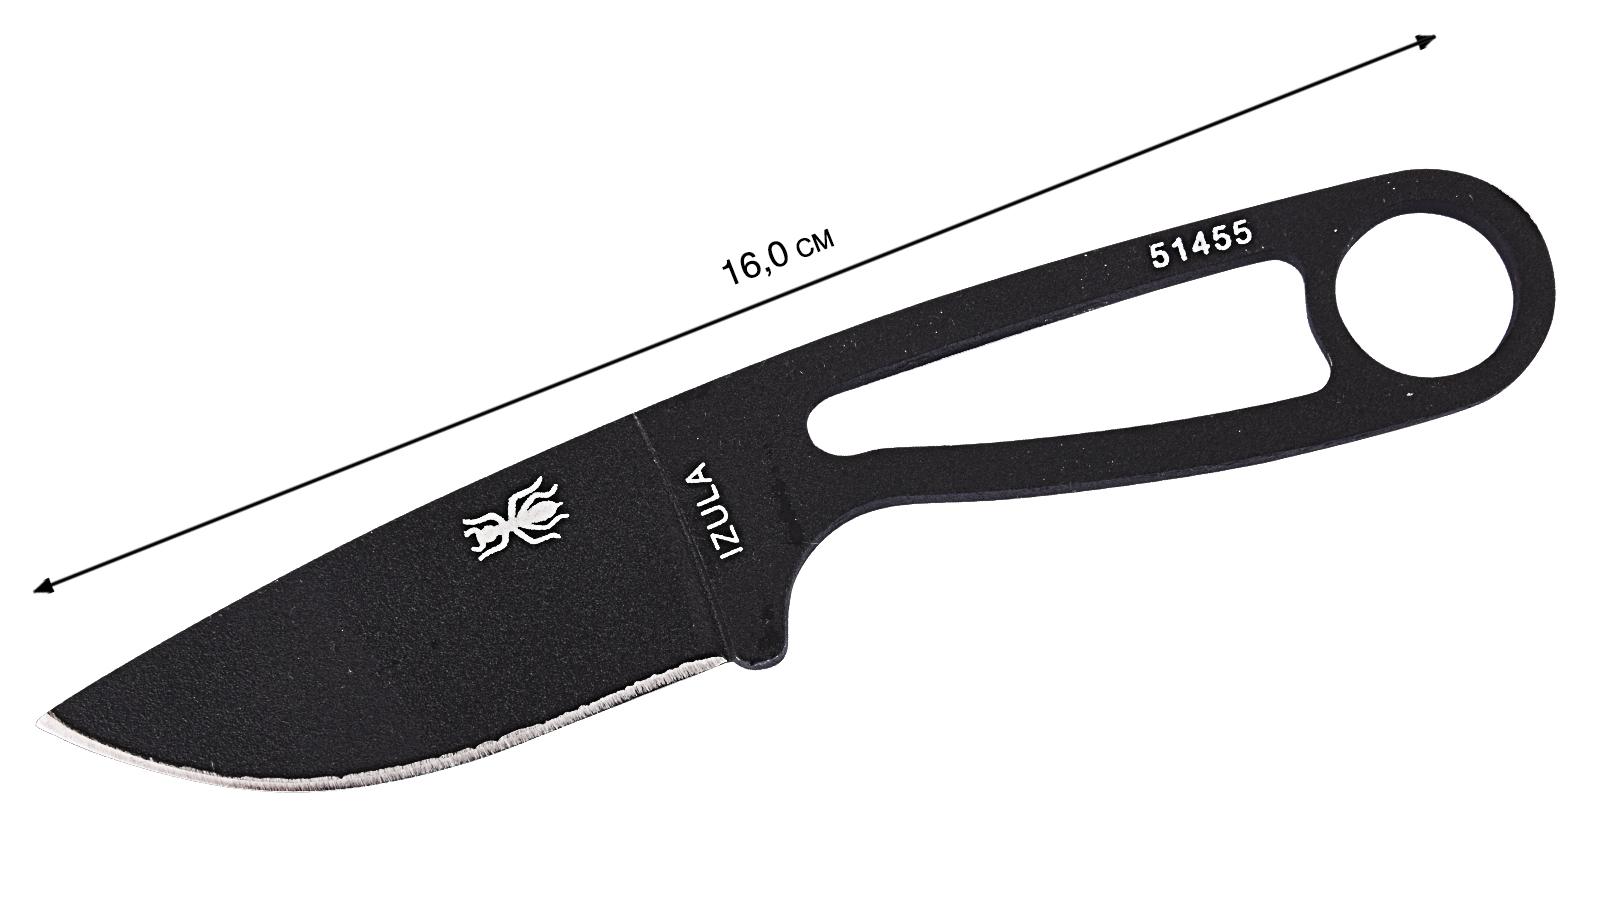 Нож Esee Izula Black - купить онлайн